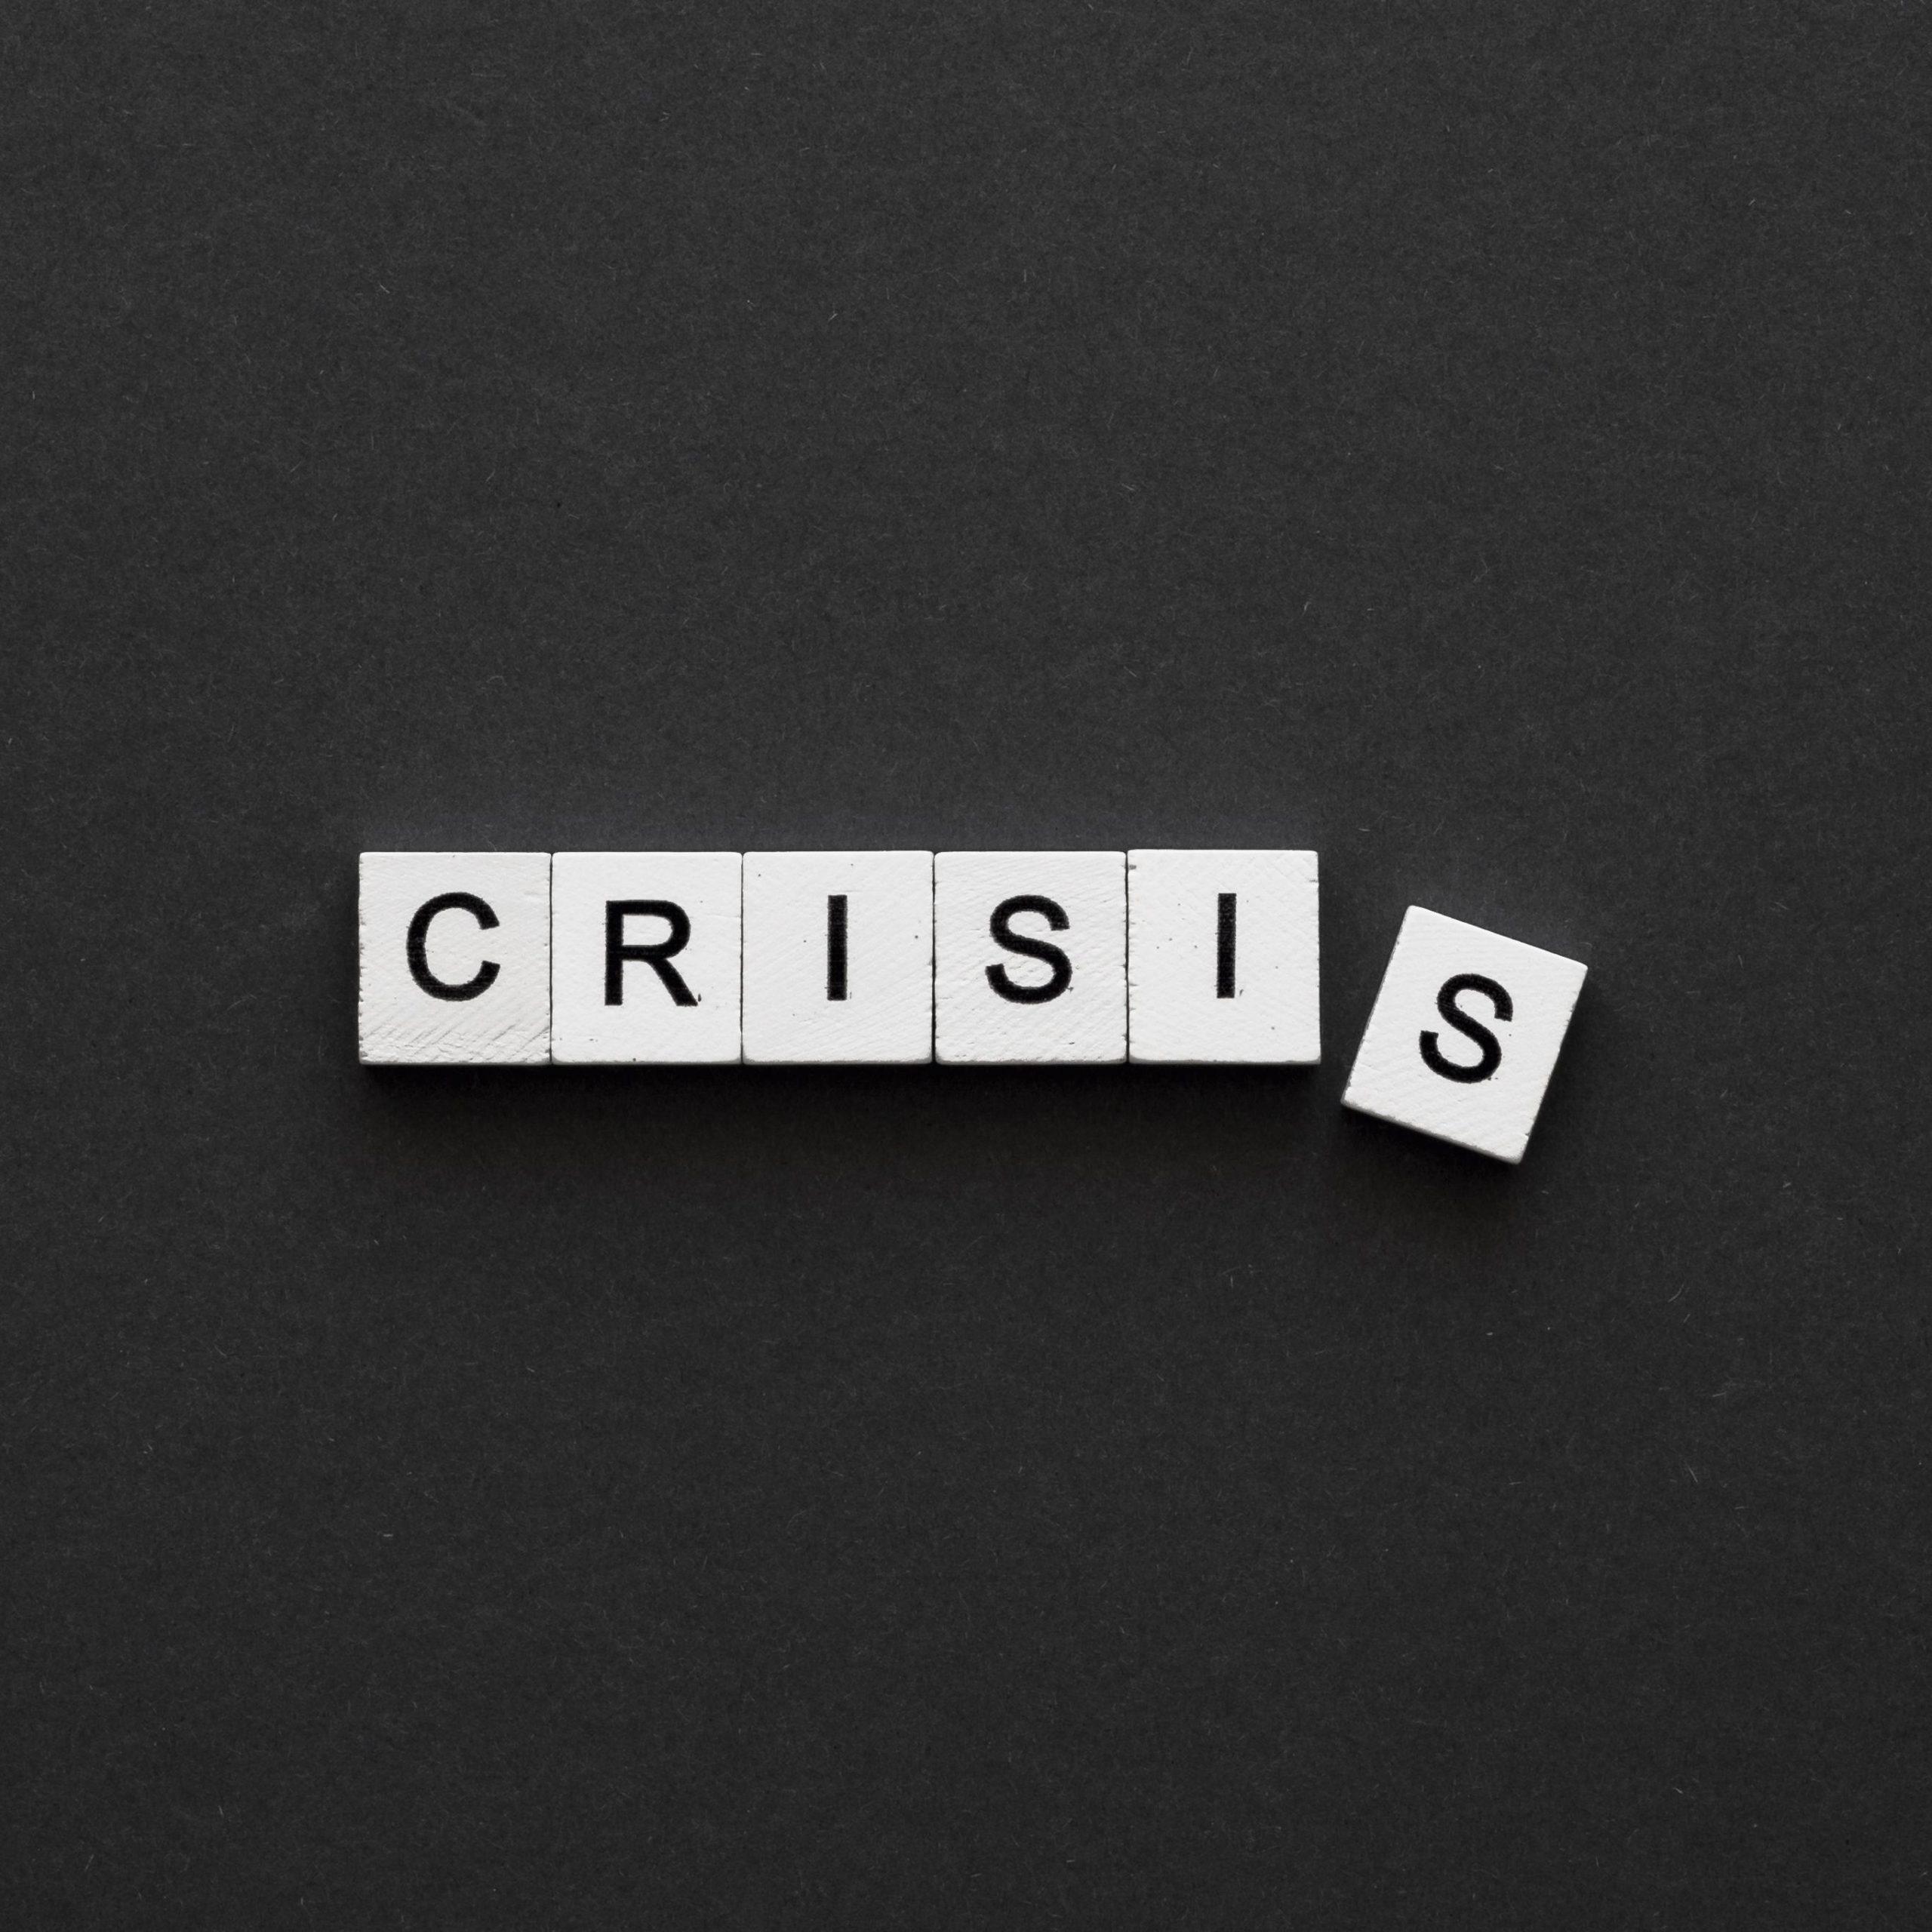 Największe kryzysy wizerunkowe mijającego roku